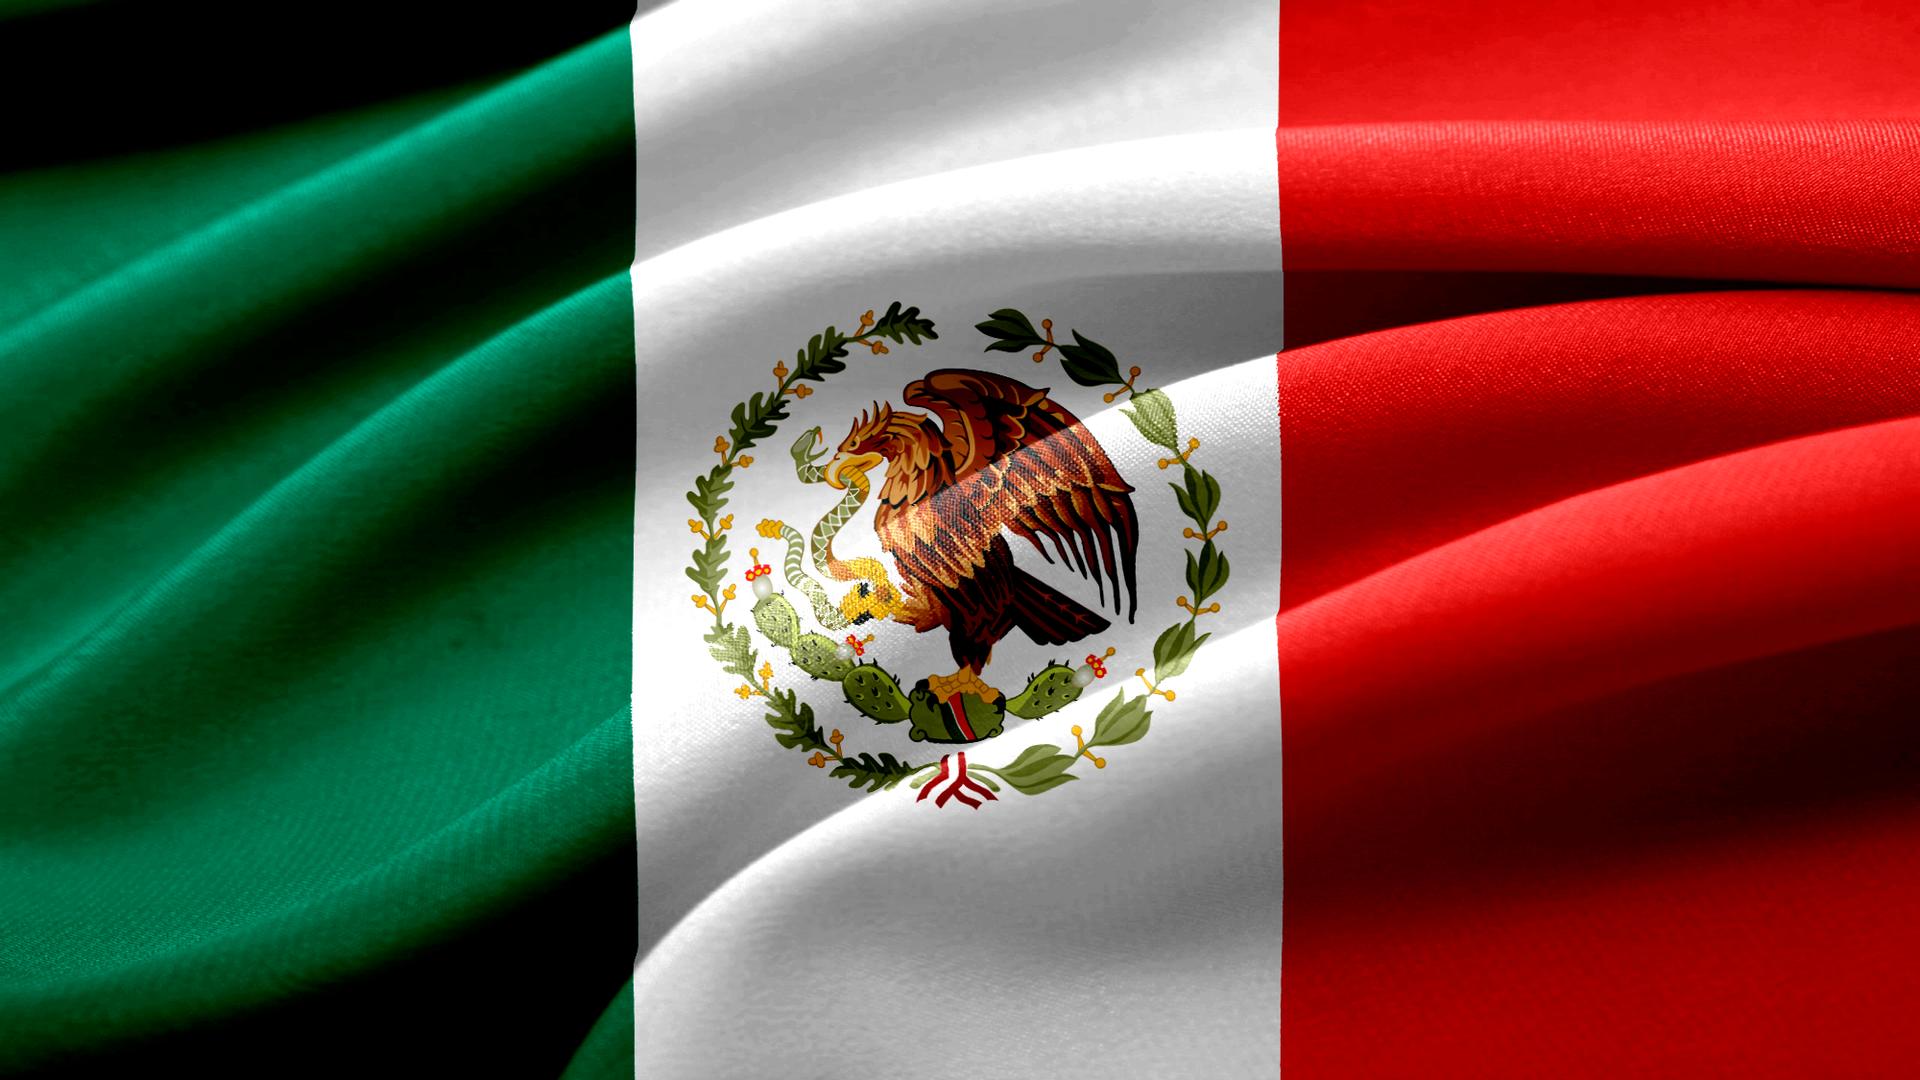 Bandera de México - Sputnik Mundo, 1920, 26.08.2021